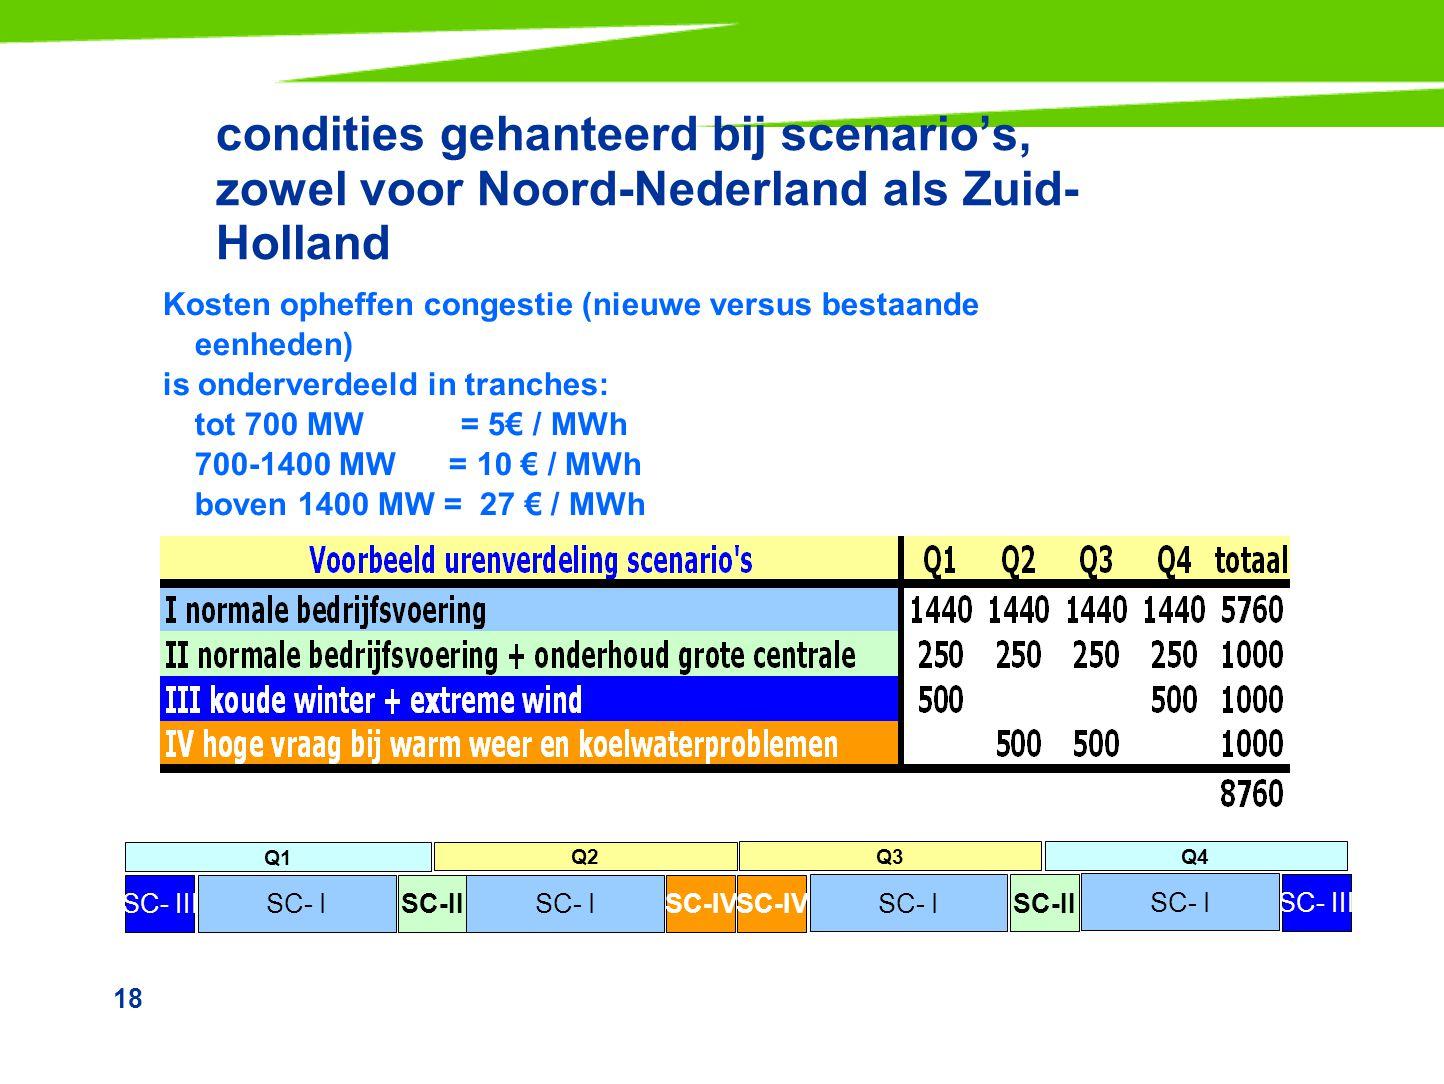 condities gehanteerd bij scenario's, zowel voor Noord-Nederland als Zuid-Holland